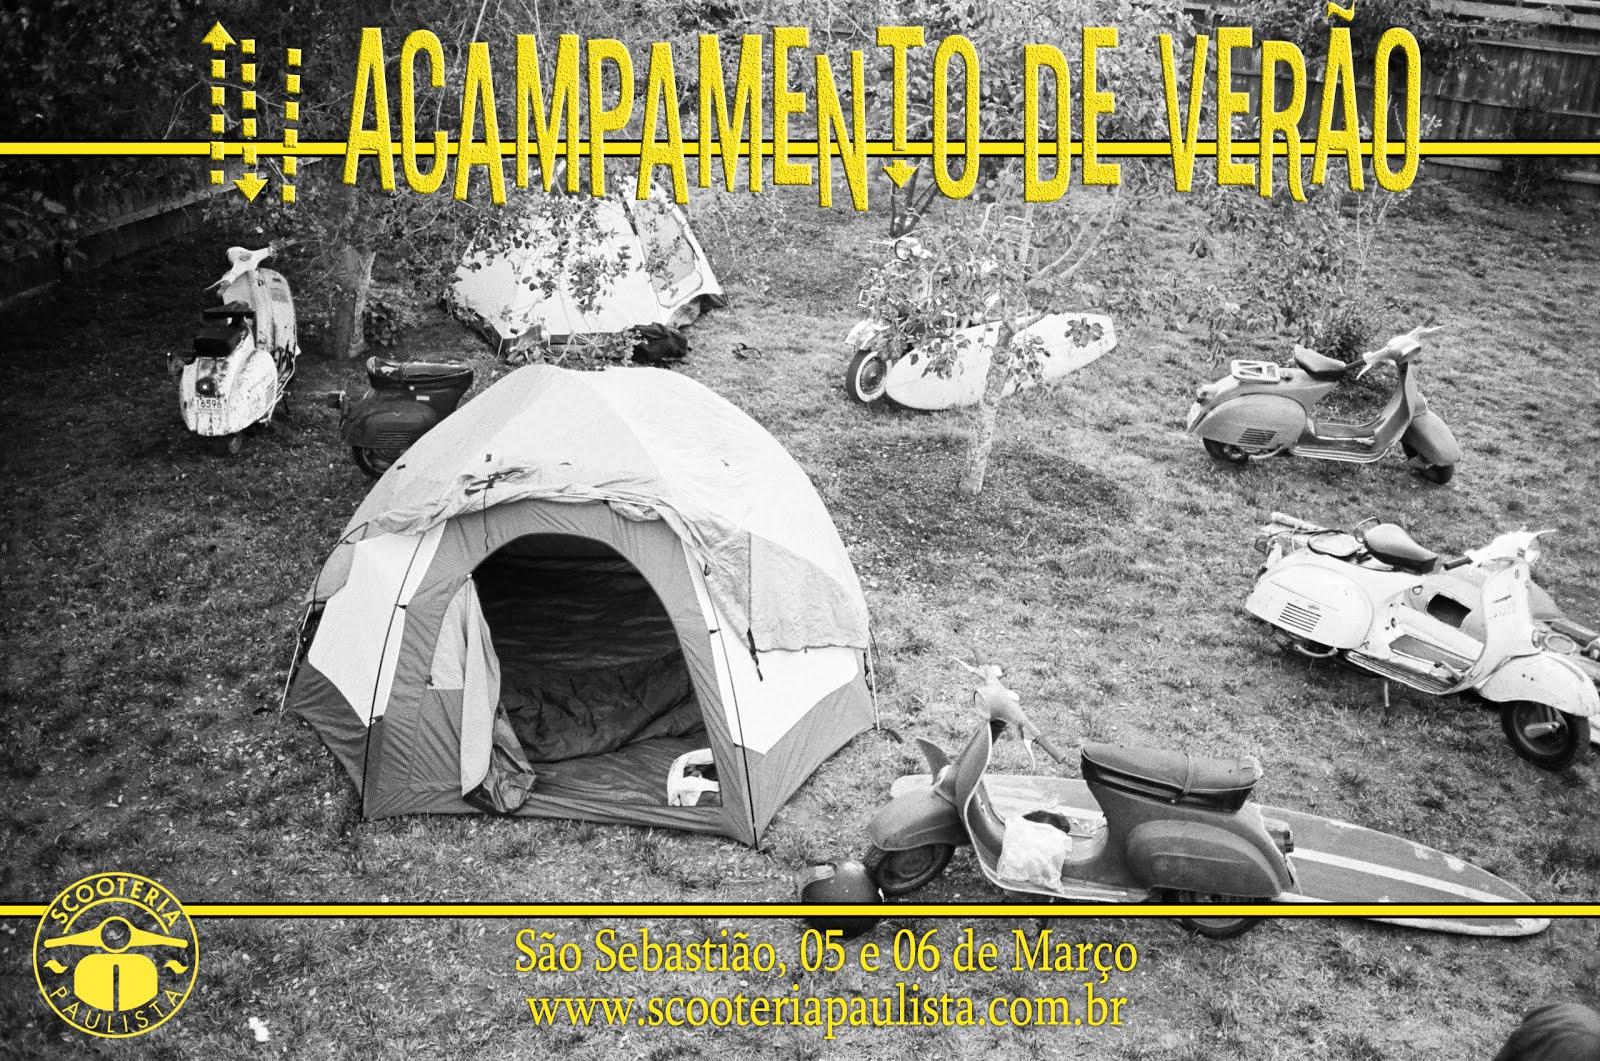 ACAMPAMENTO DE VERÃO #3